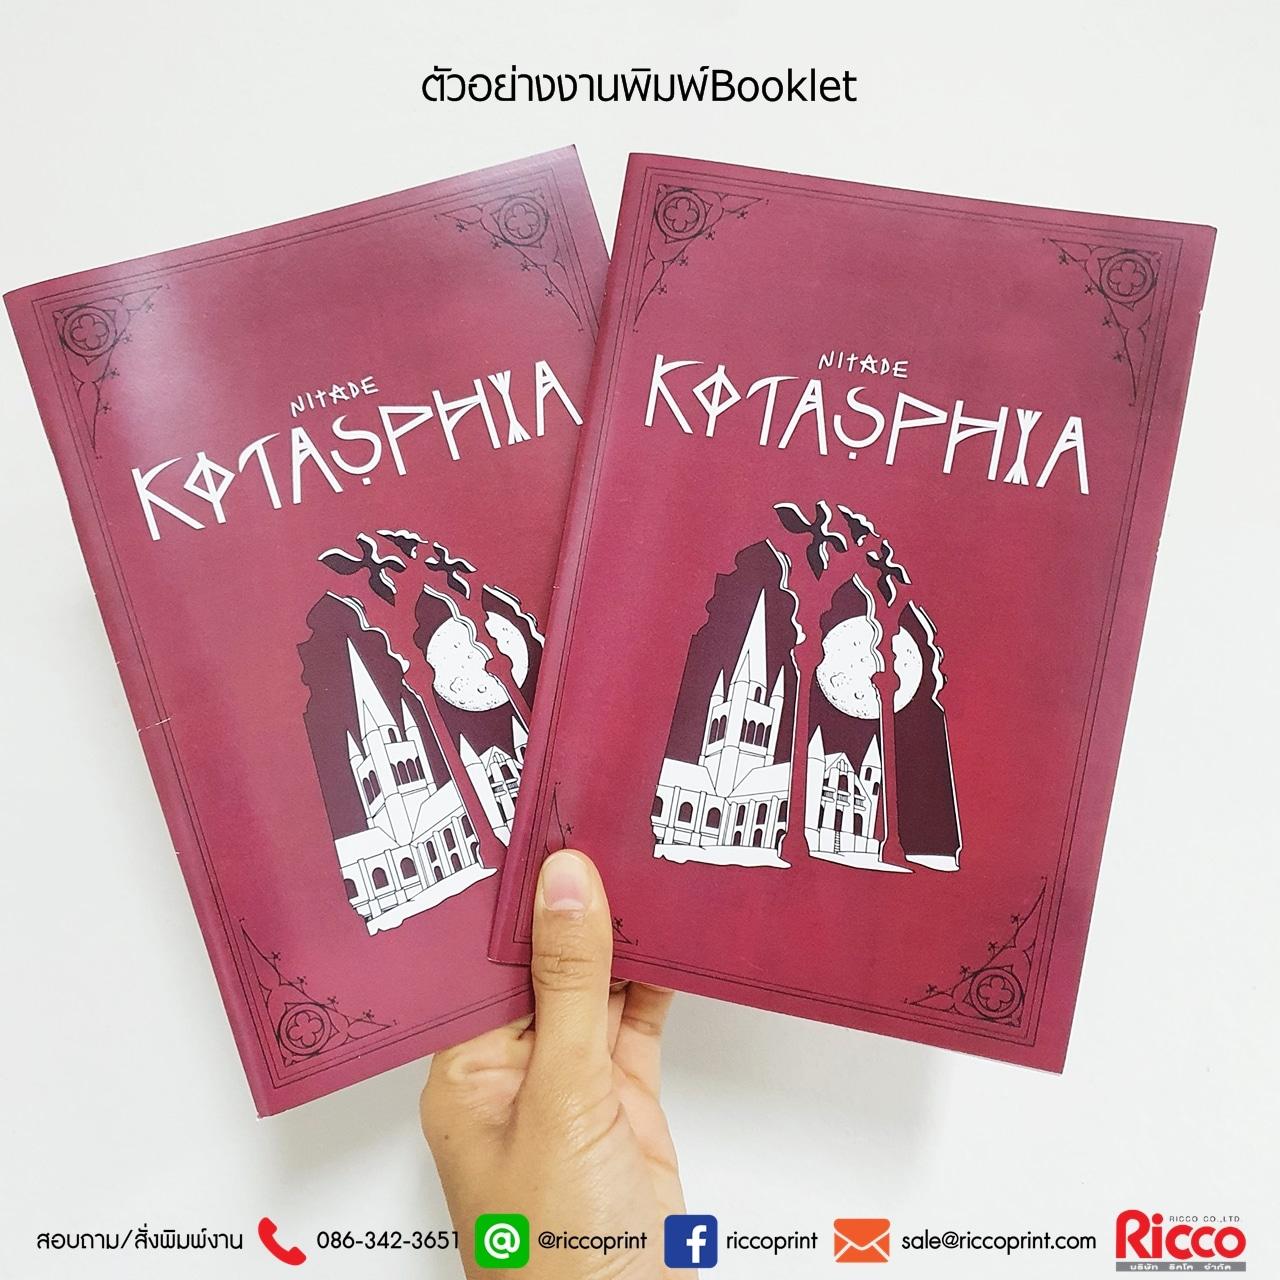 รูป Booklet 2020 01 - ประกอบเนื้อหา หนังสือ คู่มือ Booklet